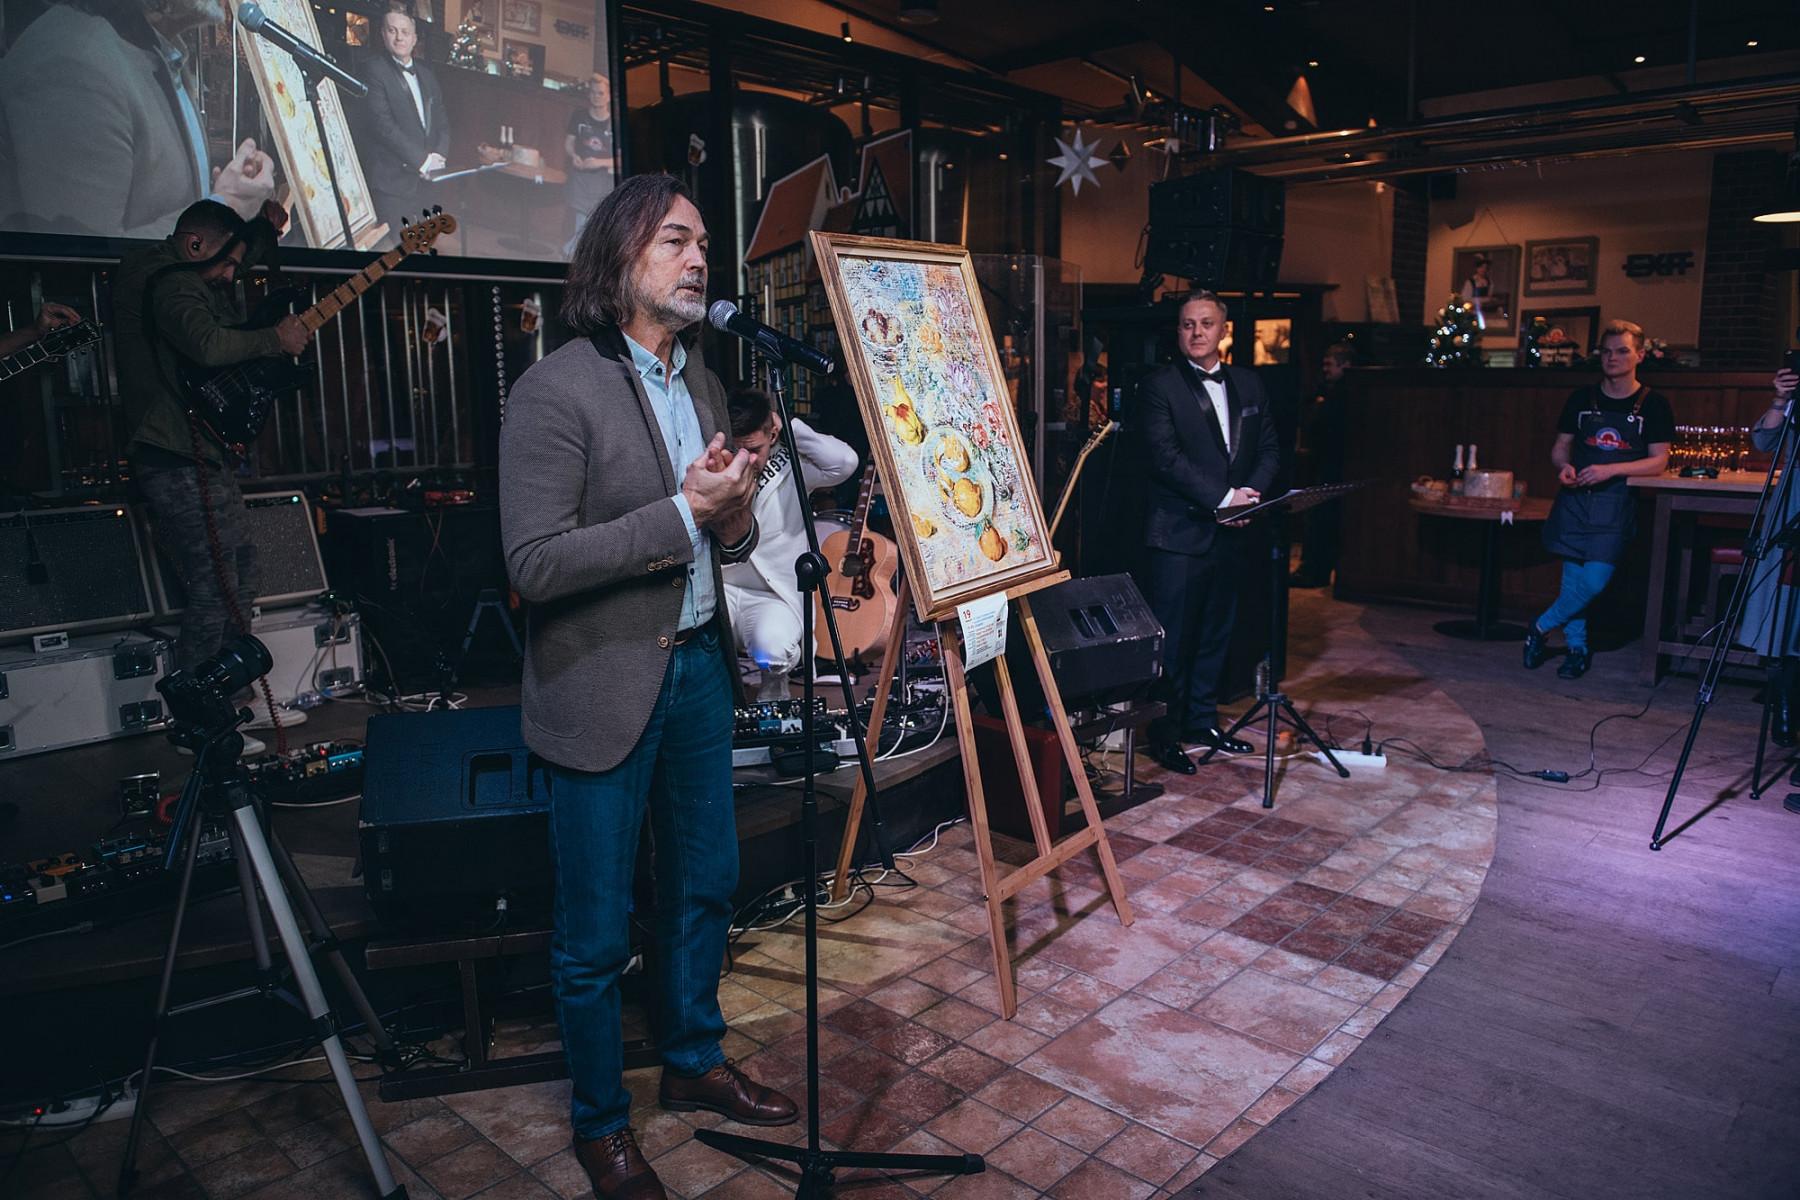 Антон Абучкаев провел масштабный благотворительный вечер